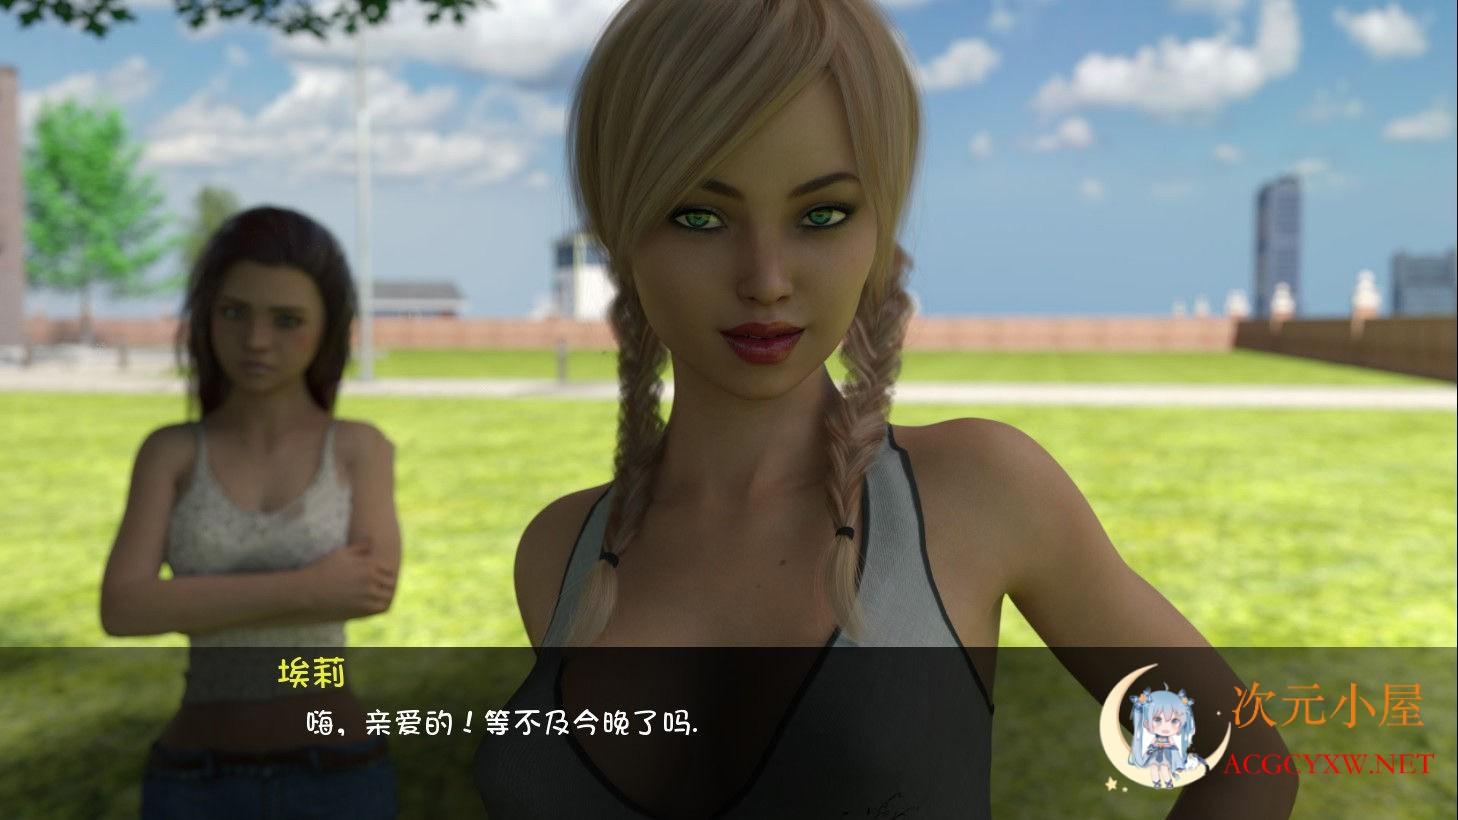 [SLG神作/汉化/动态CG]欲望回声 Echoes Of Lust 第二季V2EP6 精翻汉化版[10月大更新/8G]  4340 次元小屋